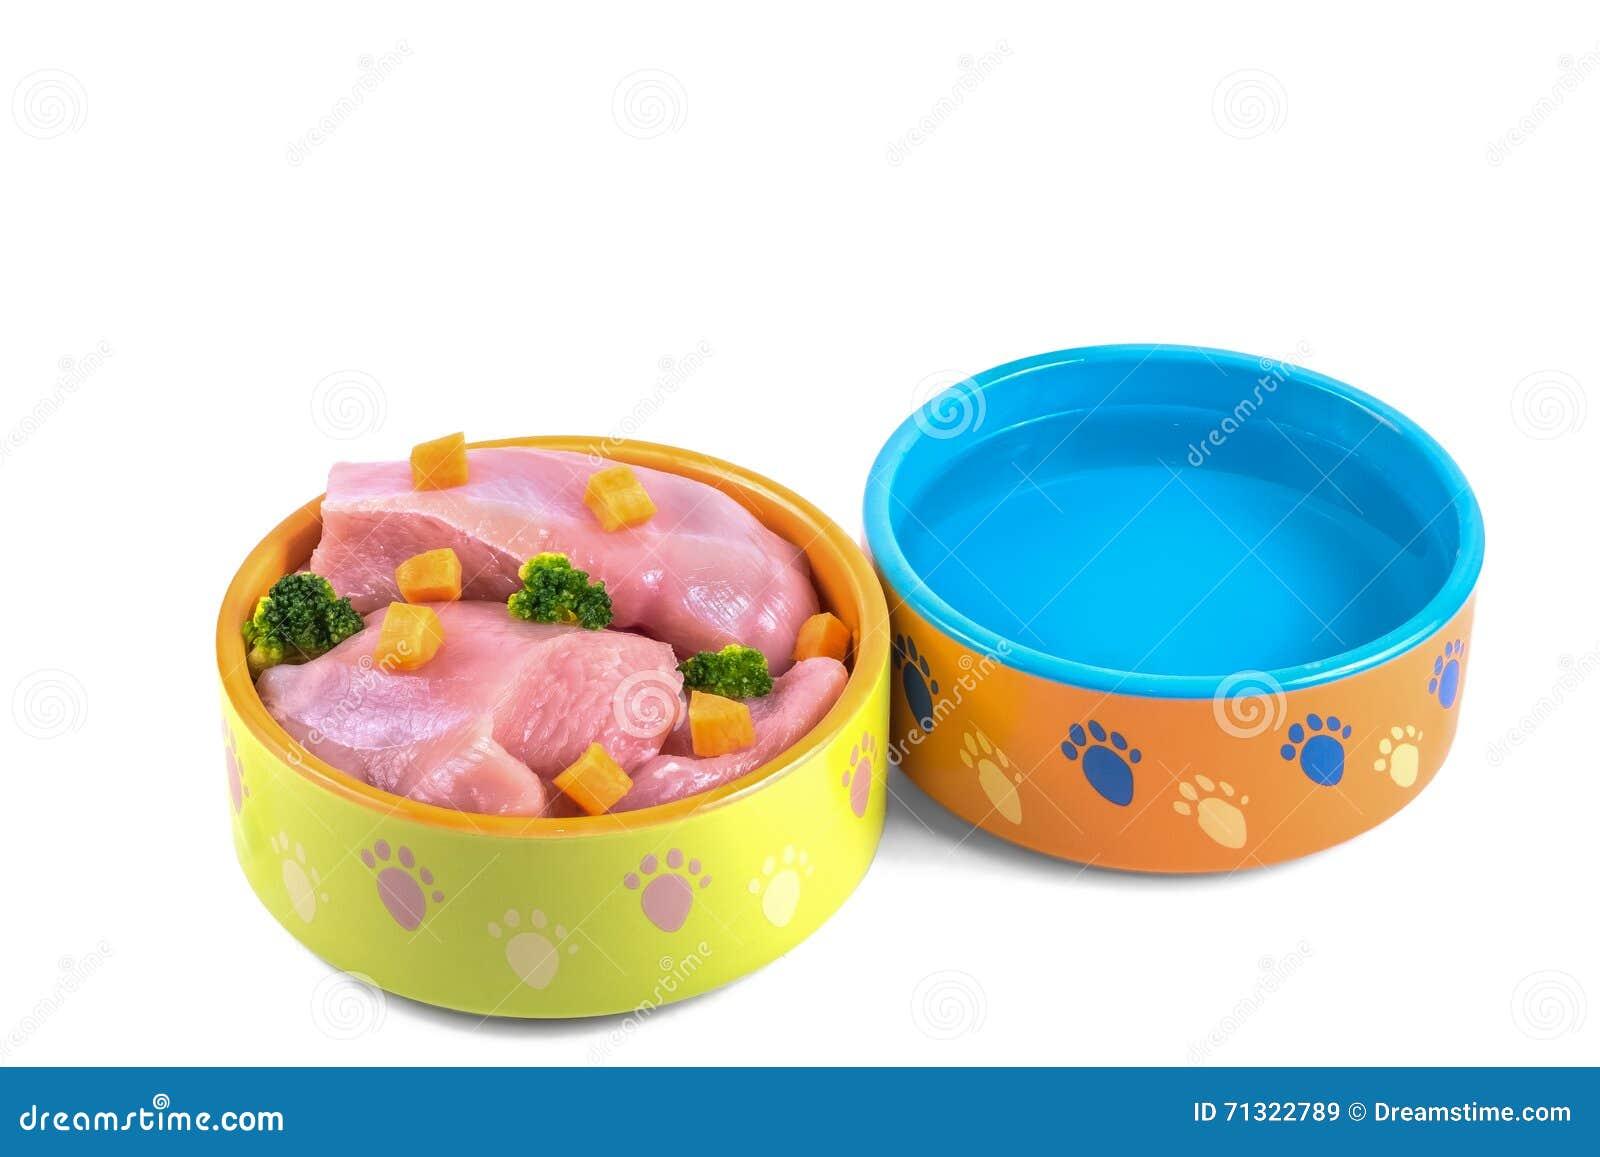 Natuurlijk hondevoer en water in ceramische die kommen op wit worden geïsoleerd